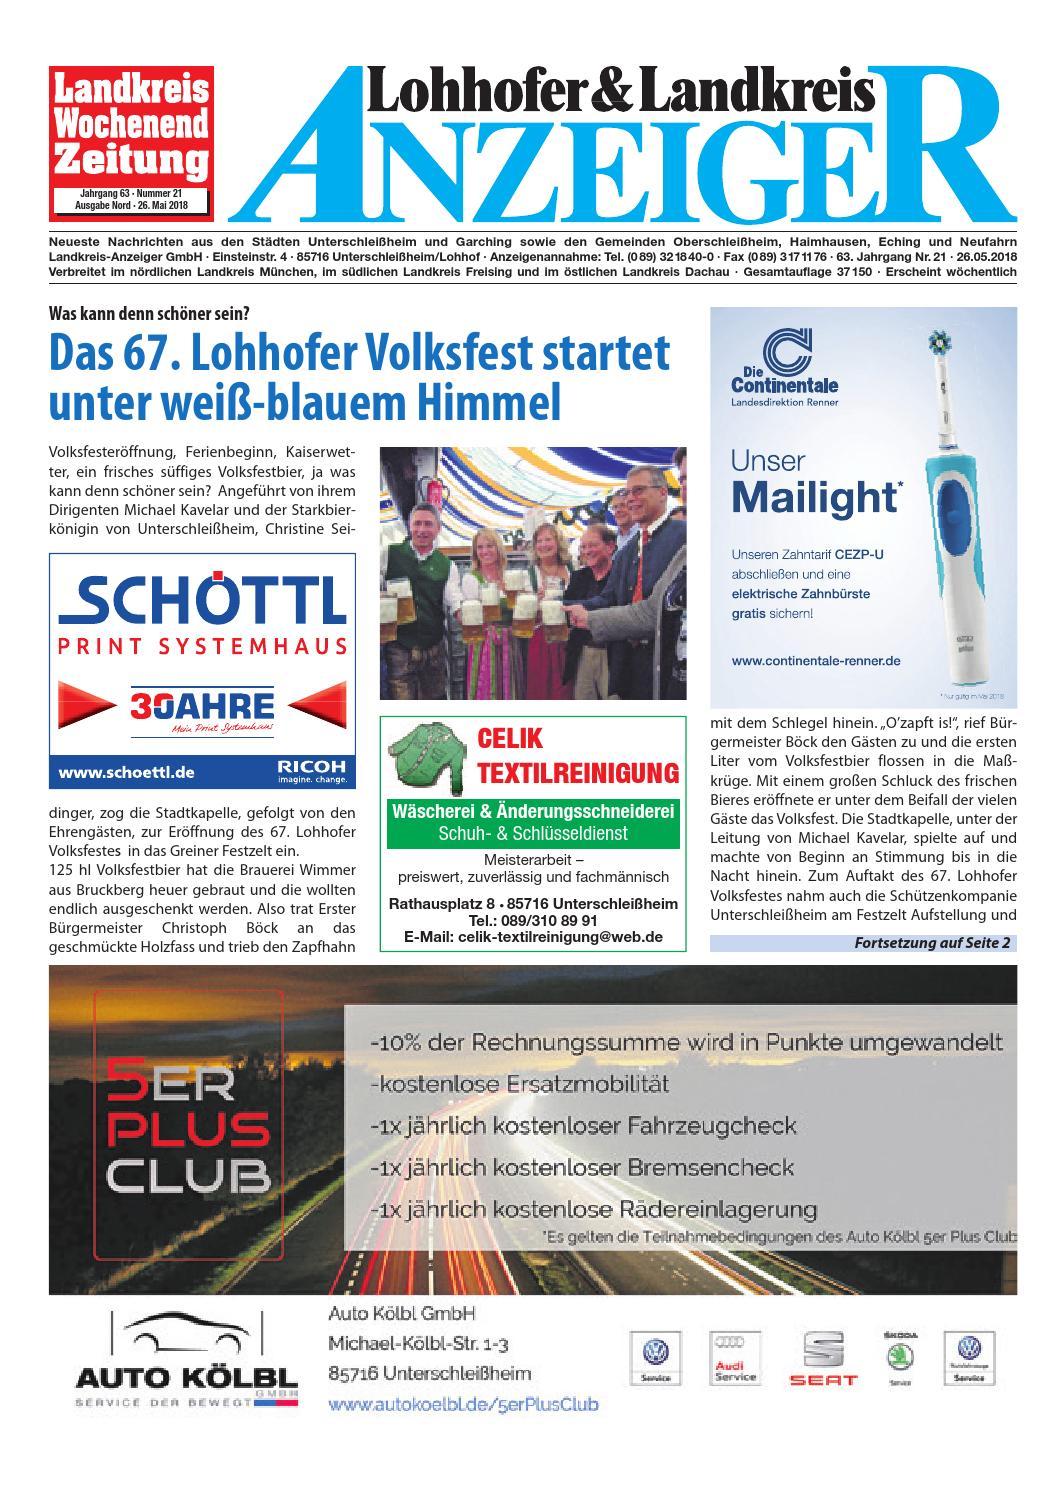 Lohhofer & Landkreis Anzeiger 2118 By Zimmermann Gmbh Druck & Verlag